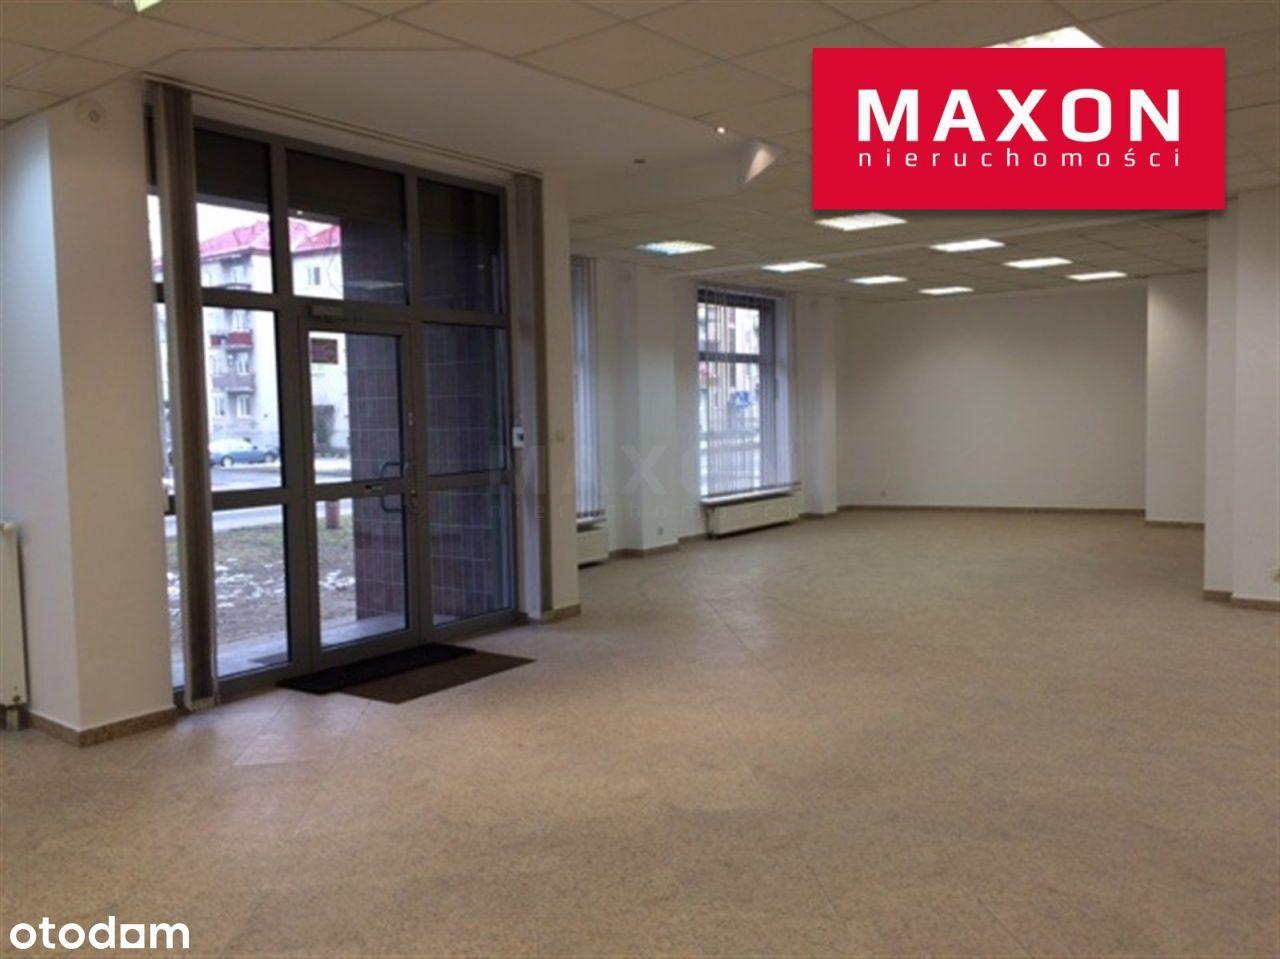 Lokal użytkowy, 220 m², Warszawa